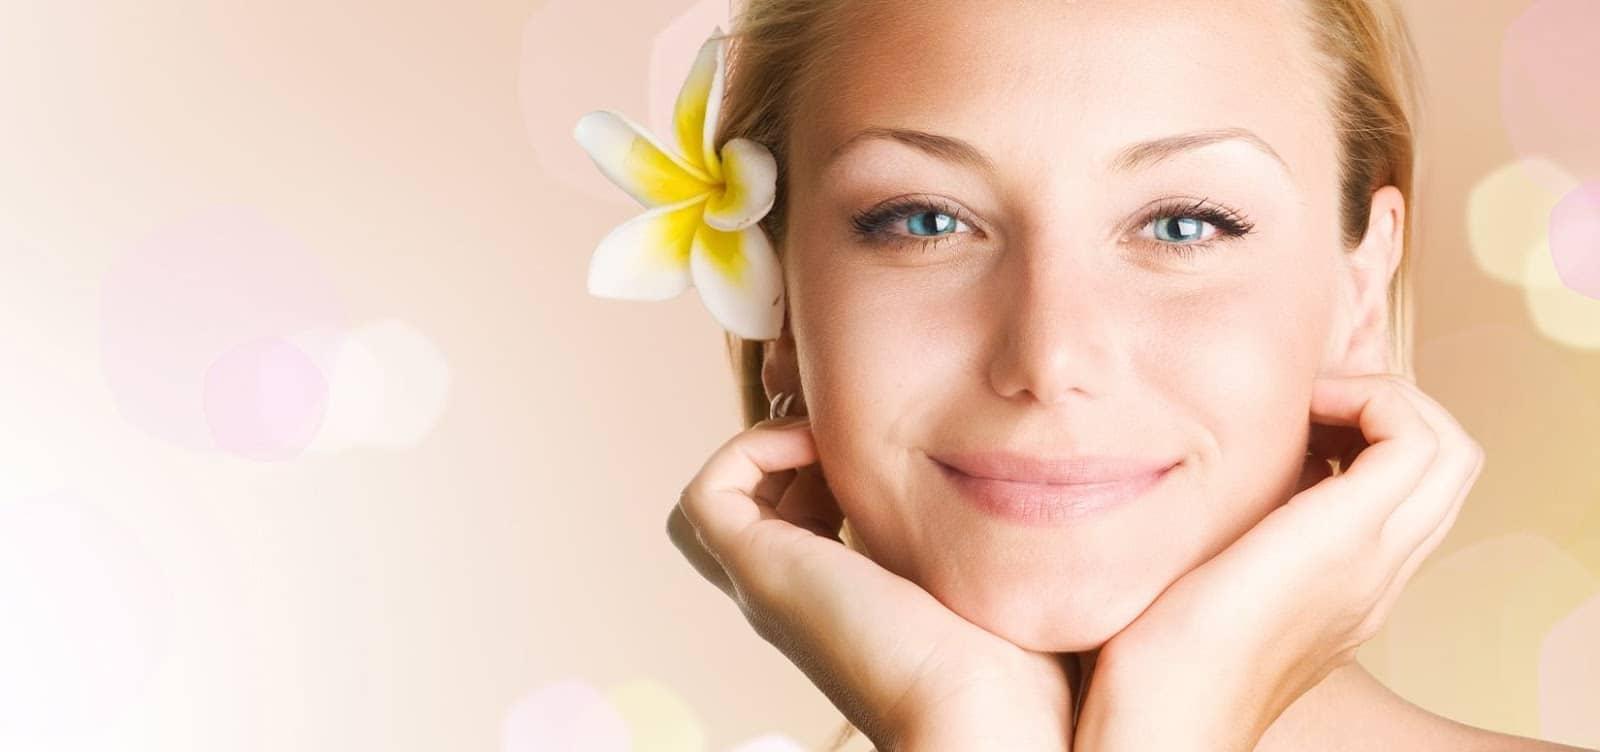 Очищающая маска удаляет грязь и расширяет поры кожи, придавая вашему лицу здоровый и ухоженный вид